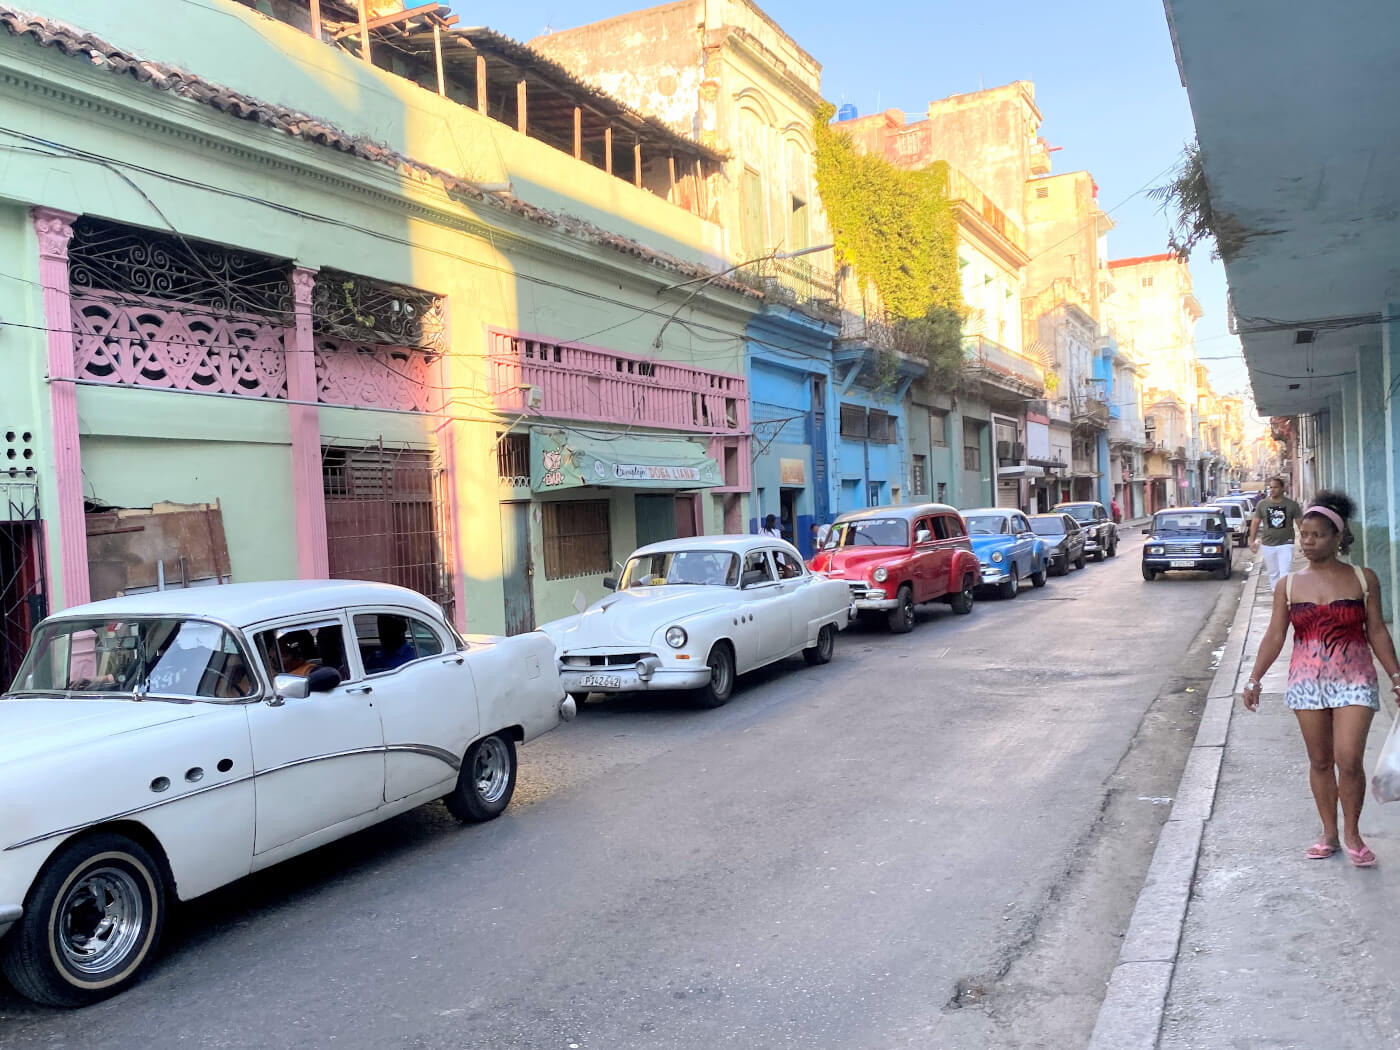 Charmerende gade i Havana (Cuba) med flotte amerikaner biler